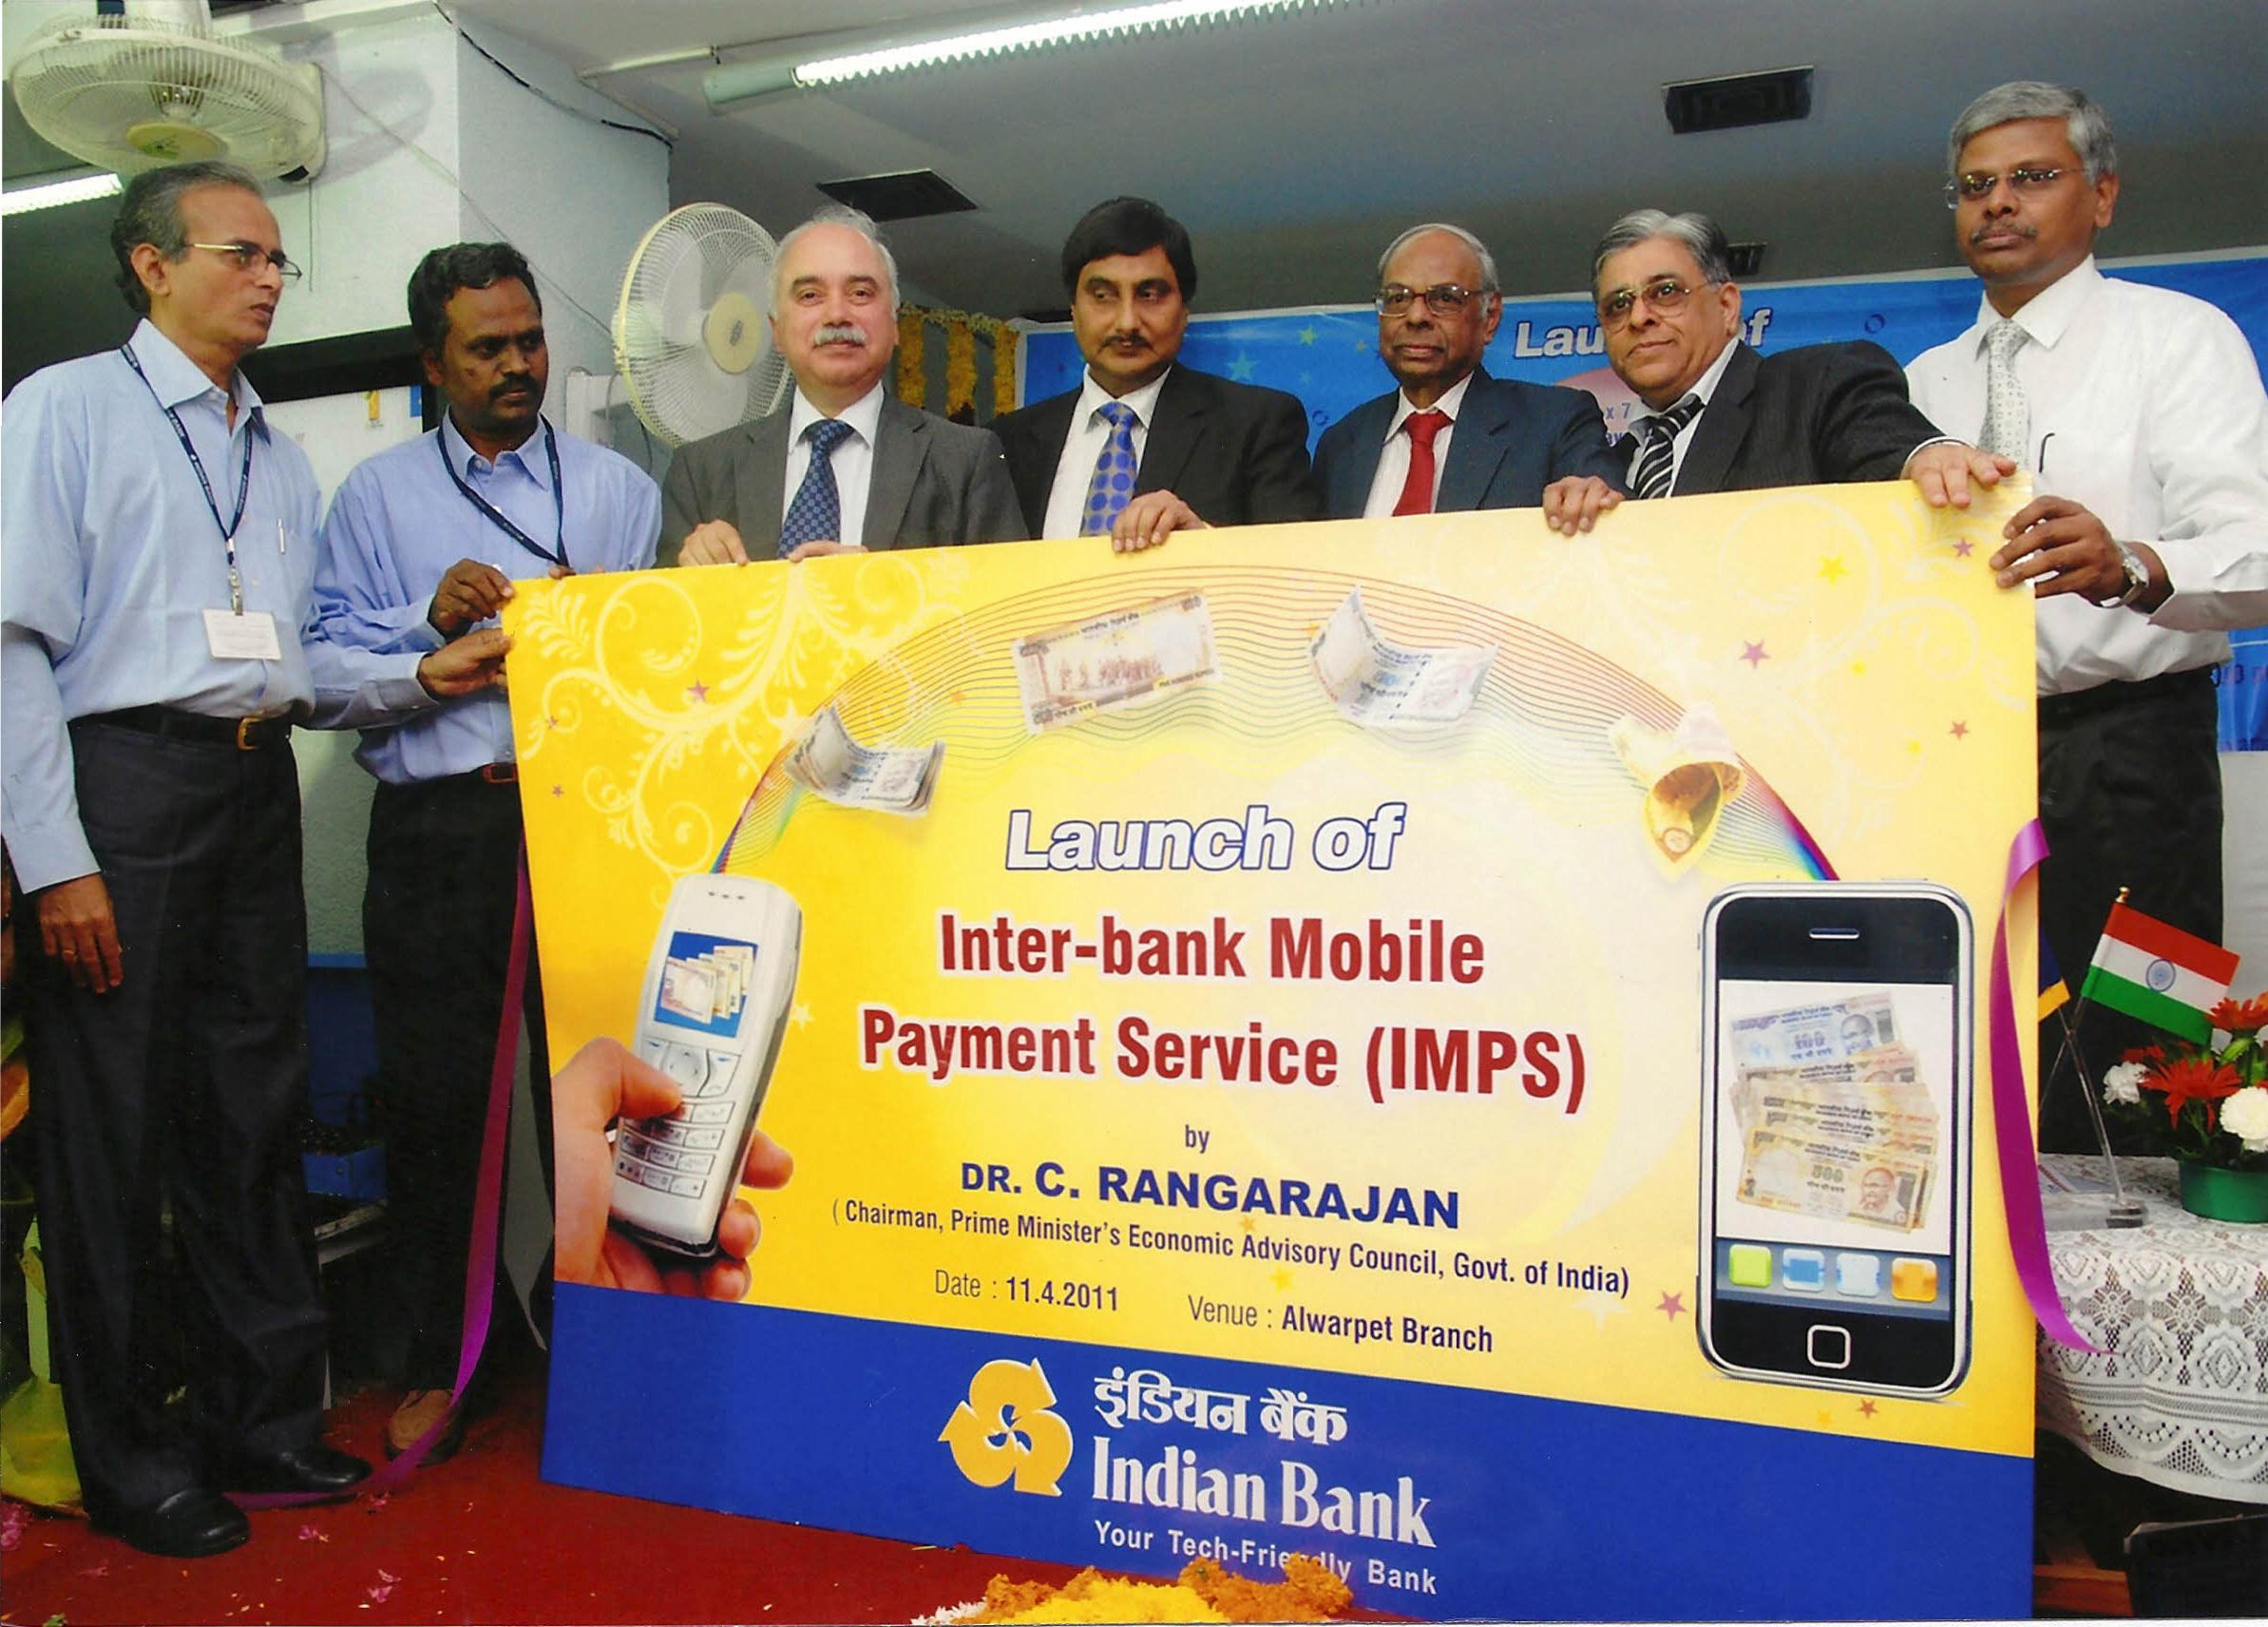 भारत सरकार का नया फैसला अब आधार कार्ड से करे शॉपिंग।